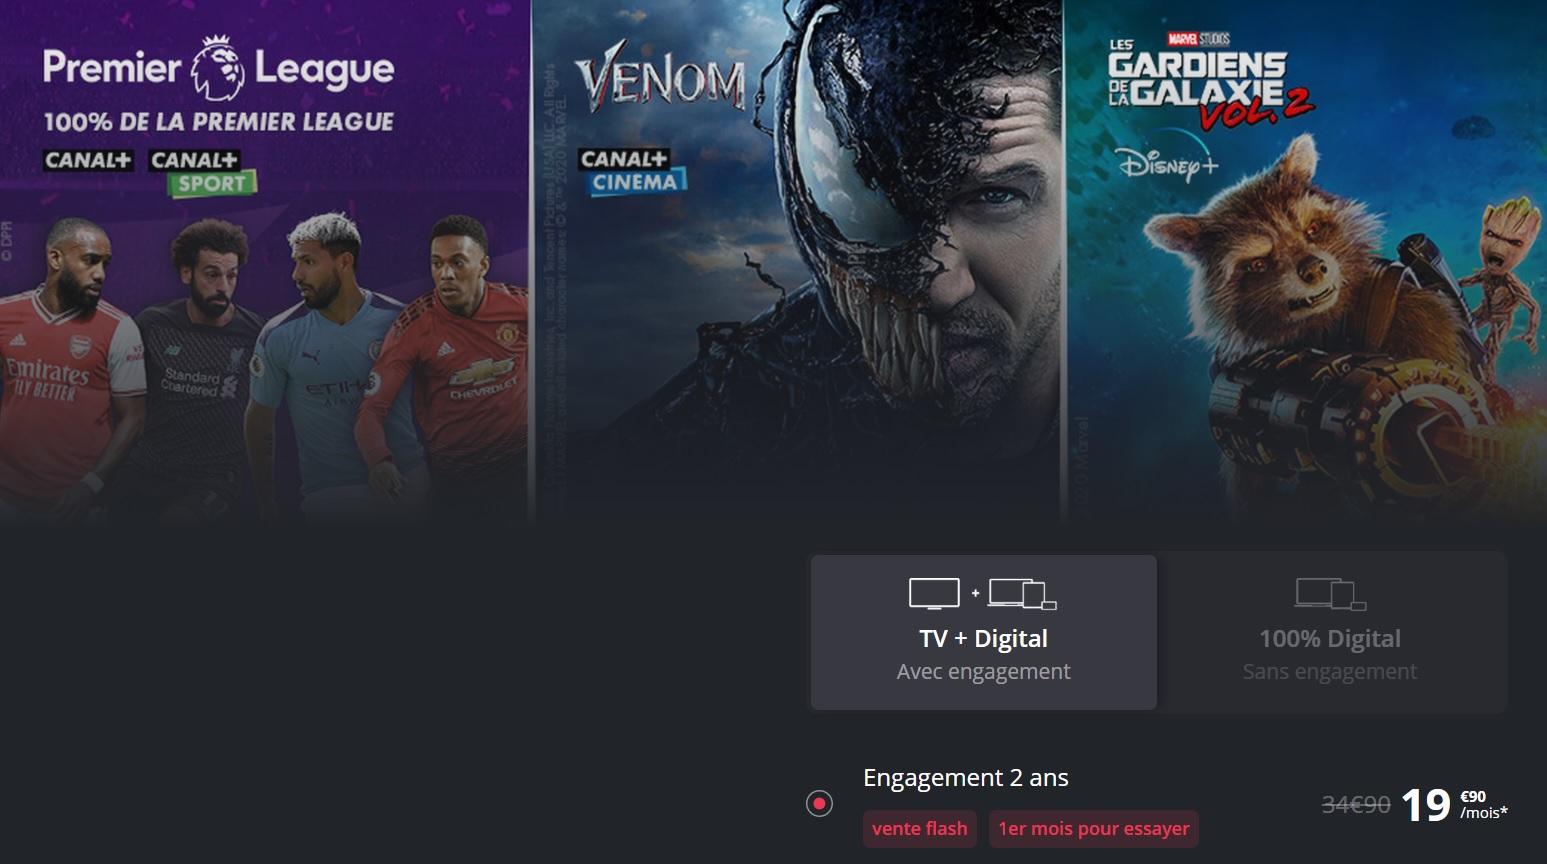 Canal+ lance une vente flash inratable sur ses abonnements incluant Disney+